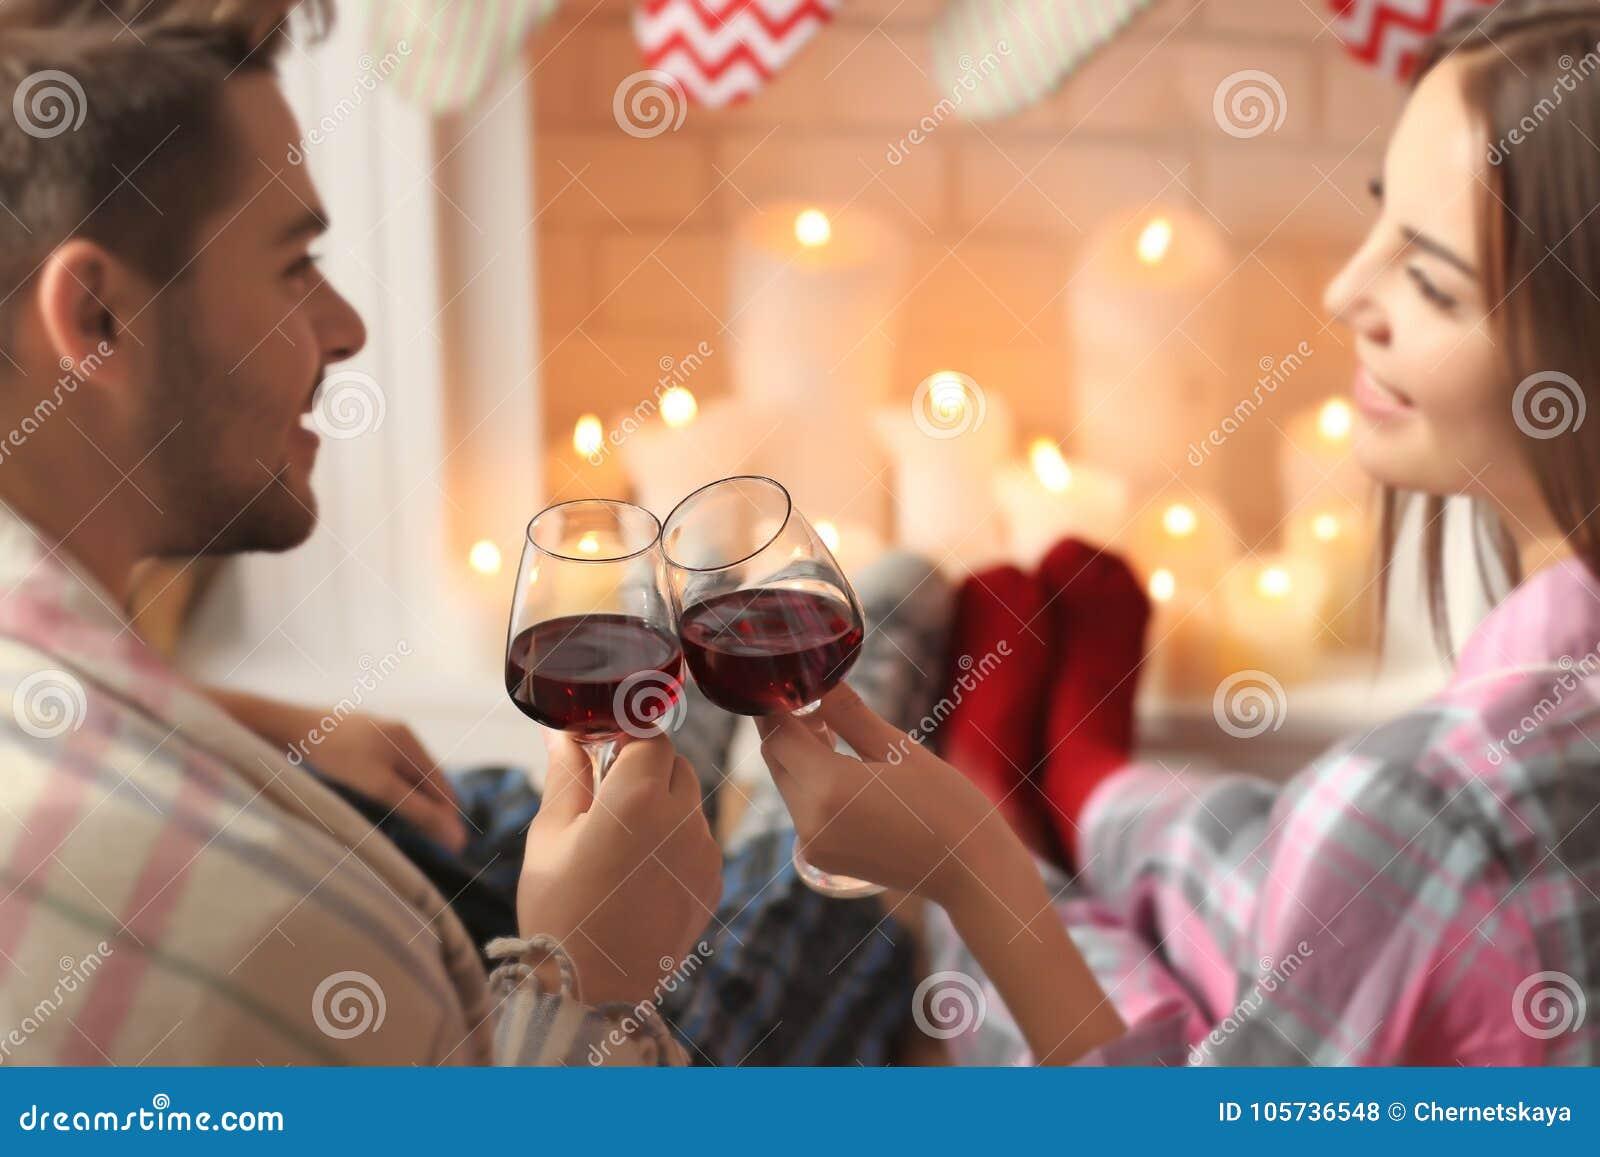 Vin potable de couples devant la cheminée à la maison